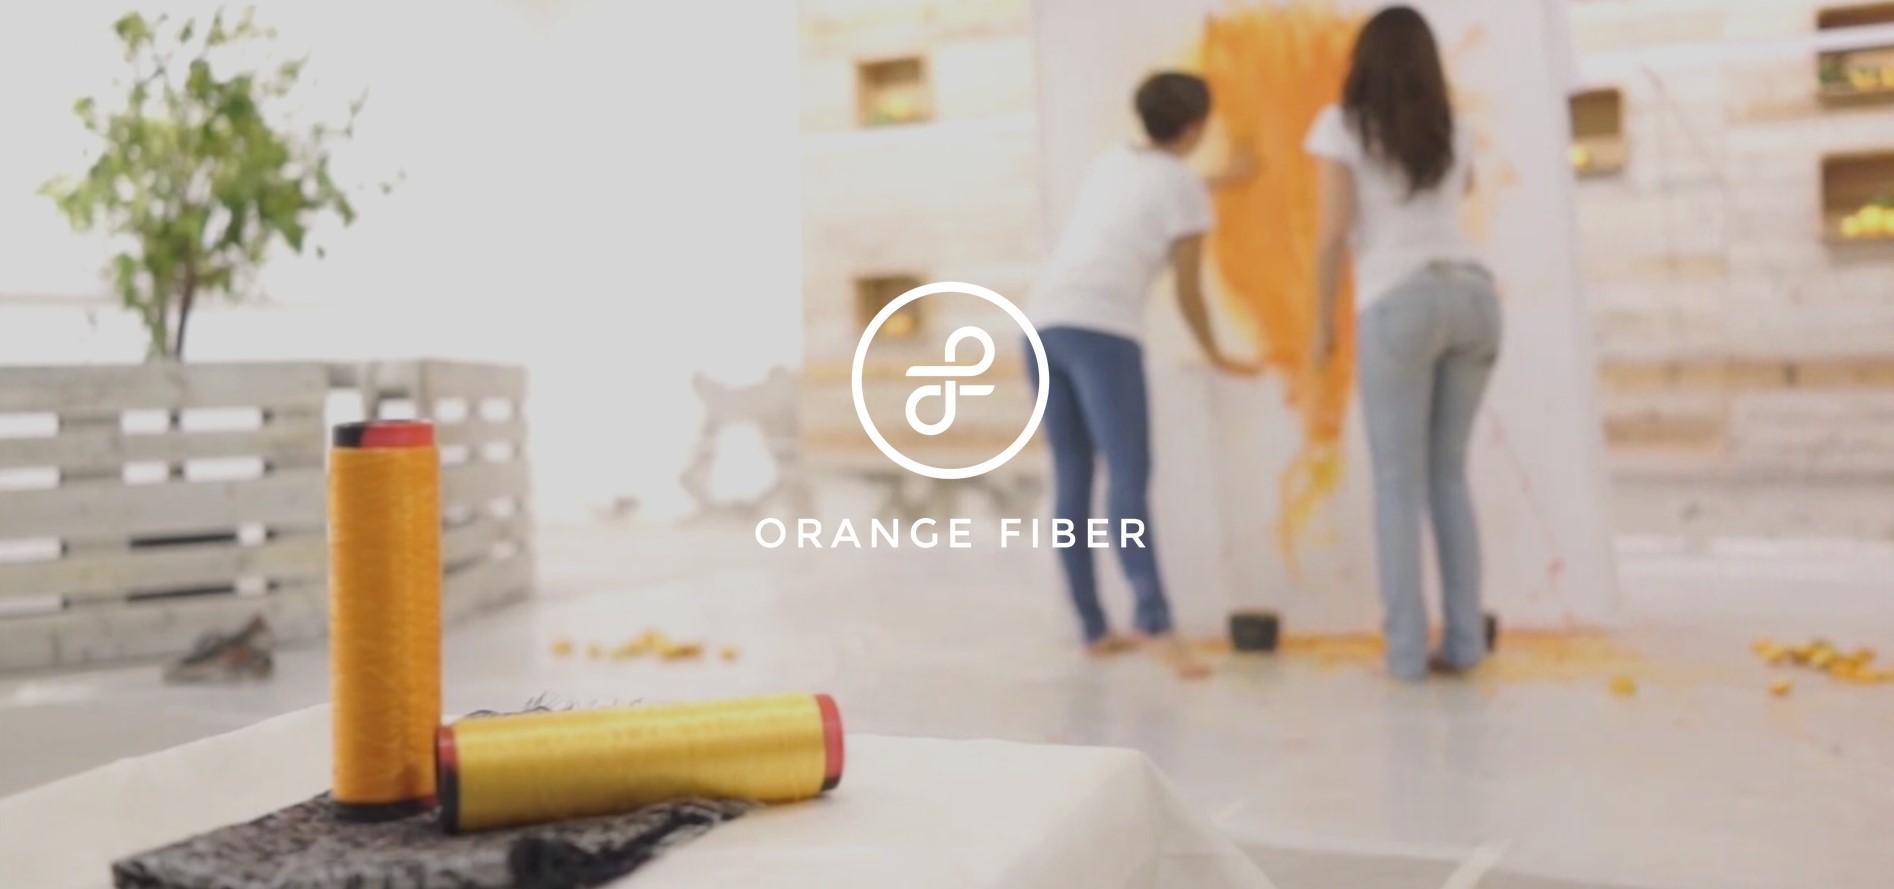 orange fiber la moda al sapore di agrumi siciliani felicit pubblica. Black Bedroom Furniture Sets. Home Design Ideas